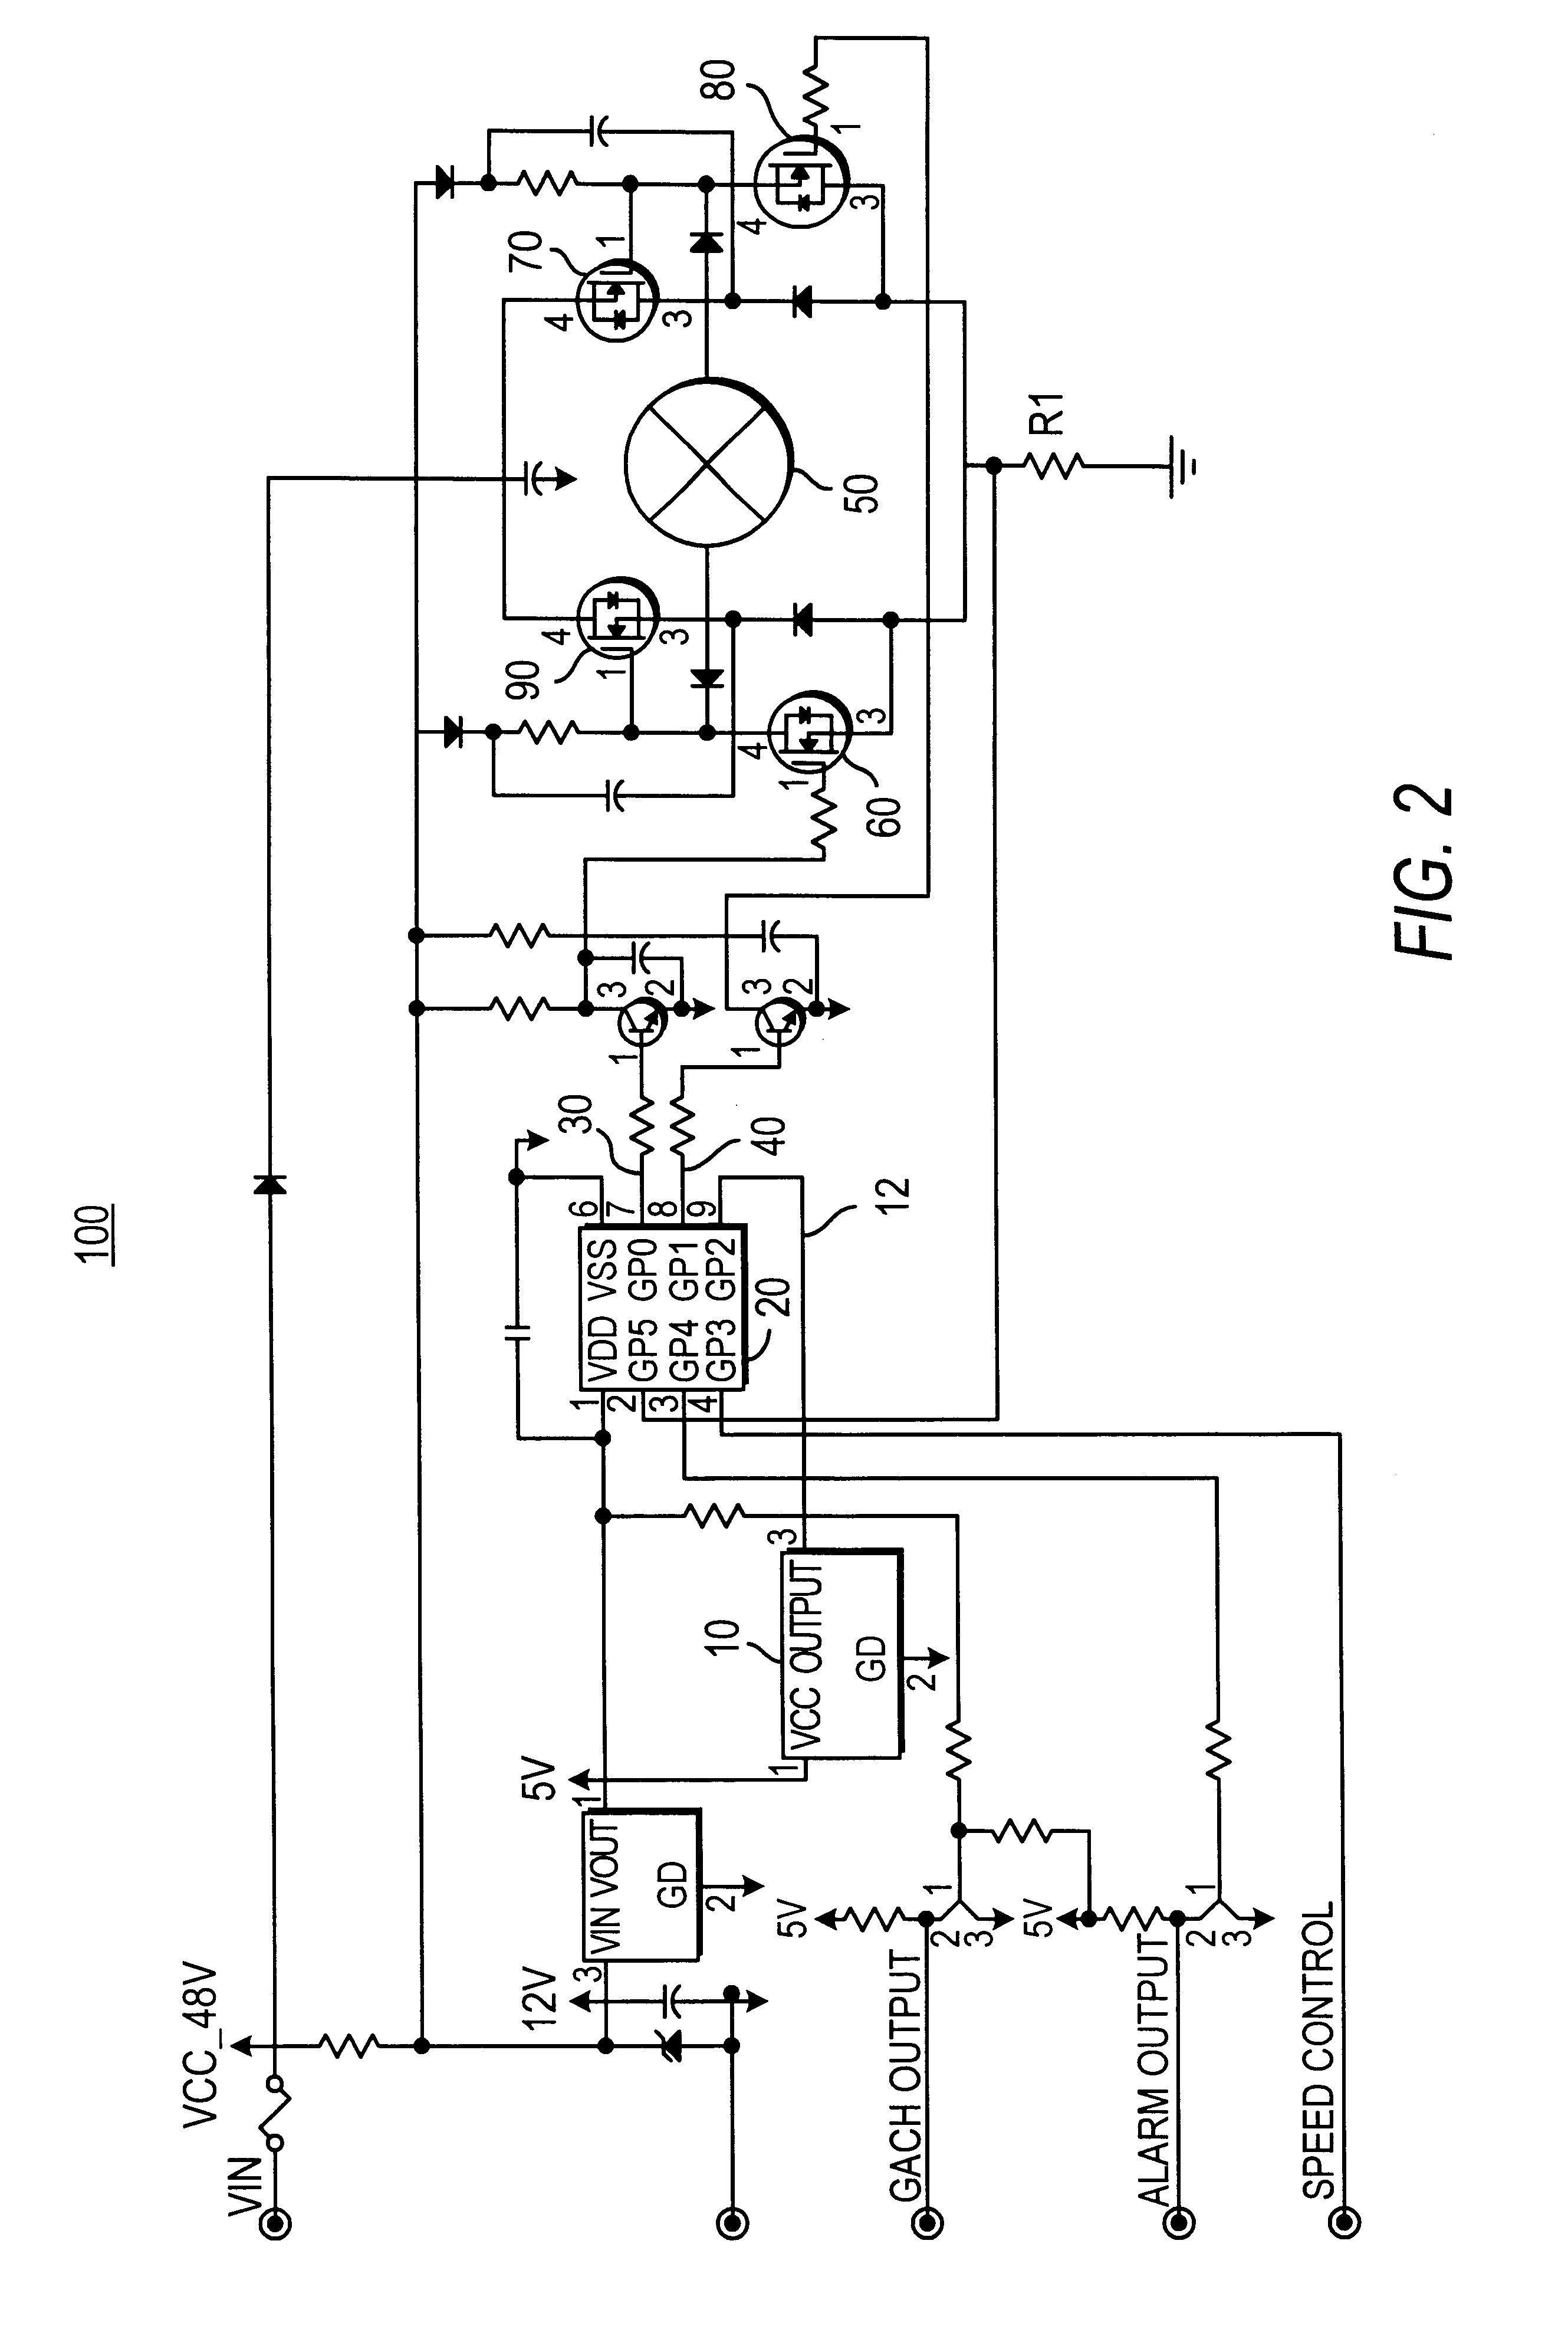 Hand Off Auto Wiring Diagram | Wiring Diagram Hand Schematic on